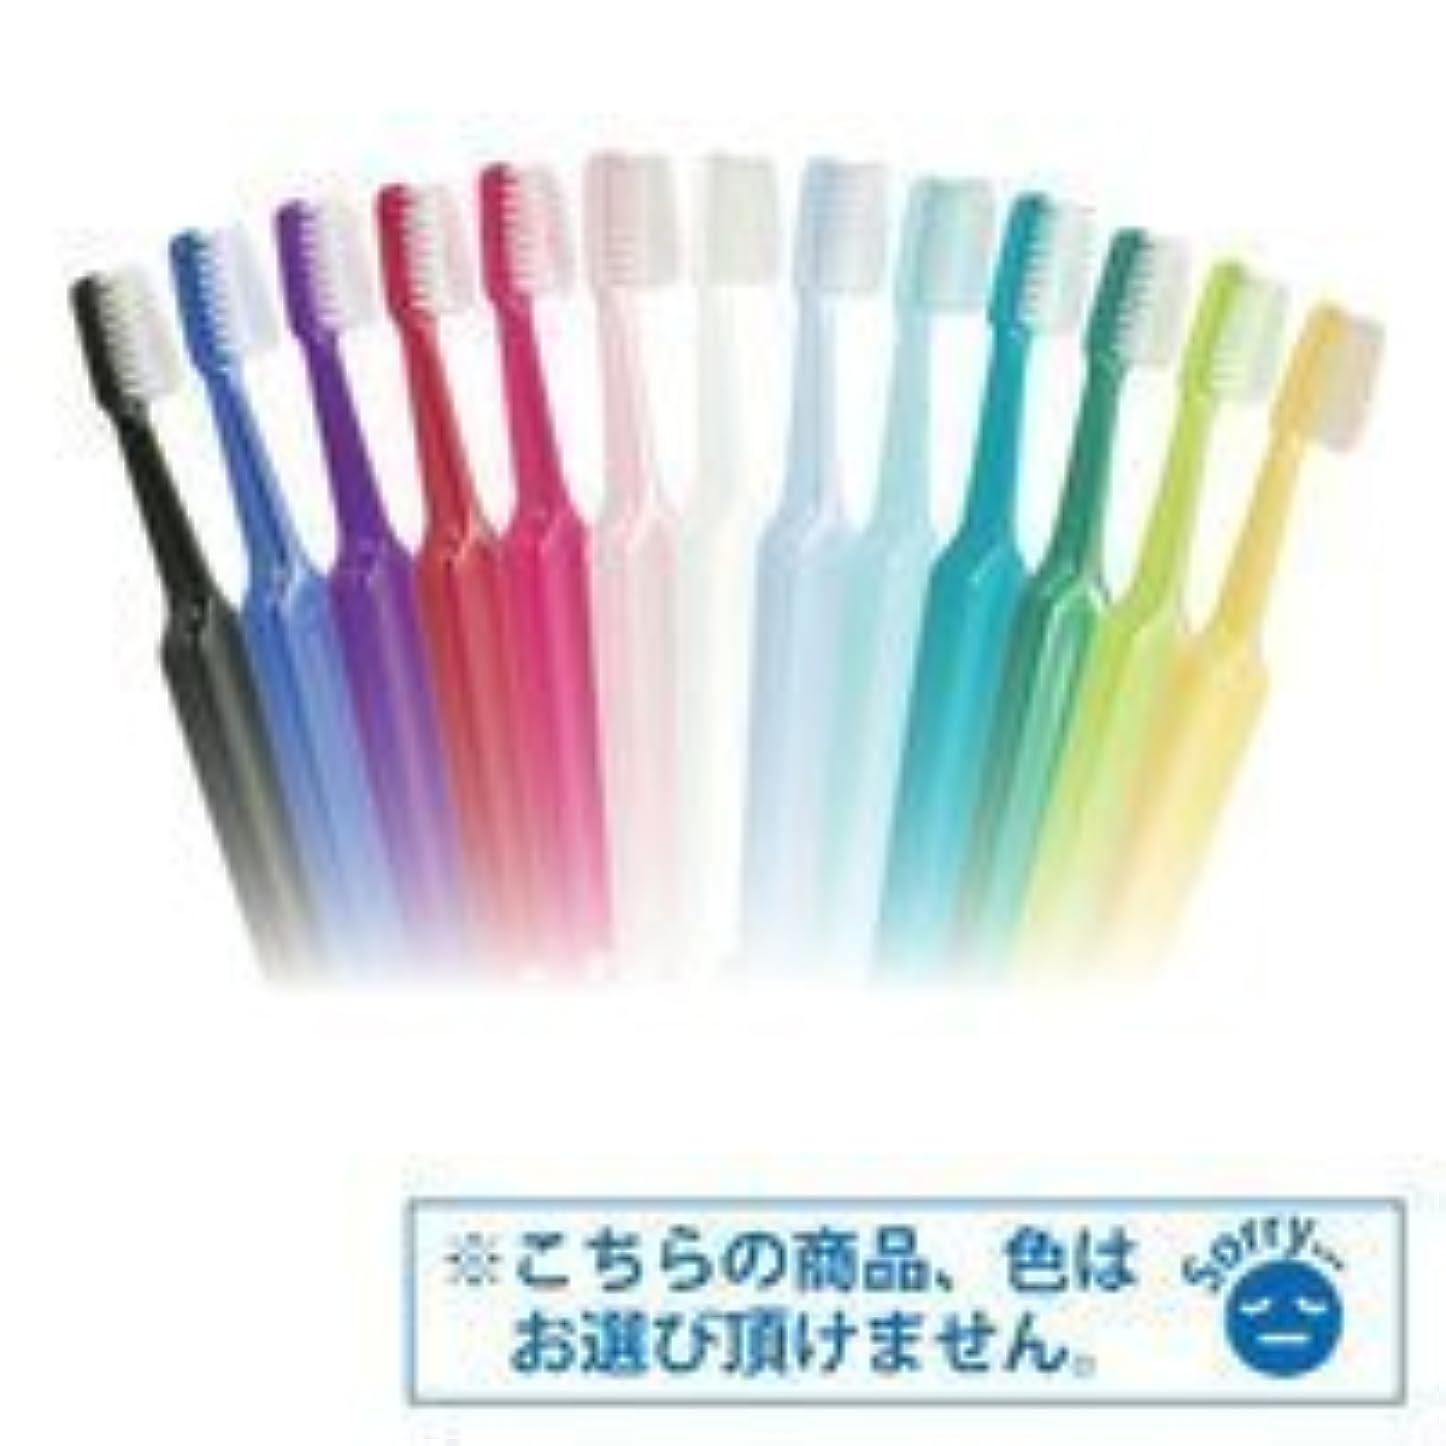 コンサルタントテント勉強するTepe歯ブラシ セレクトミニ/エクストラソフト 5本入り